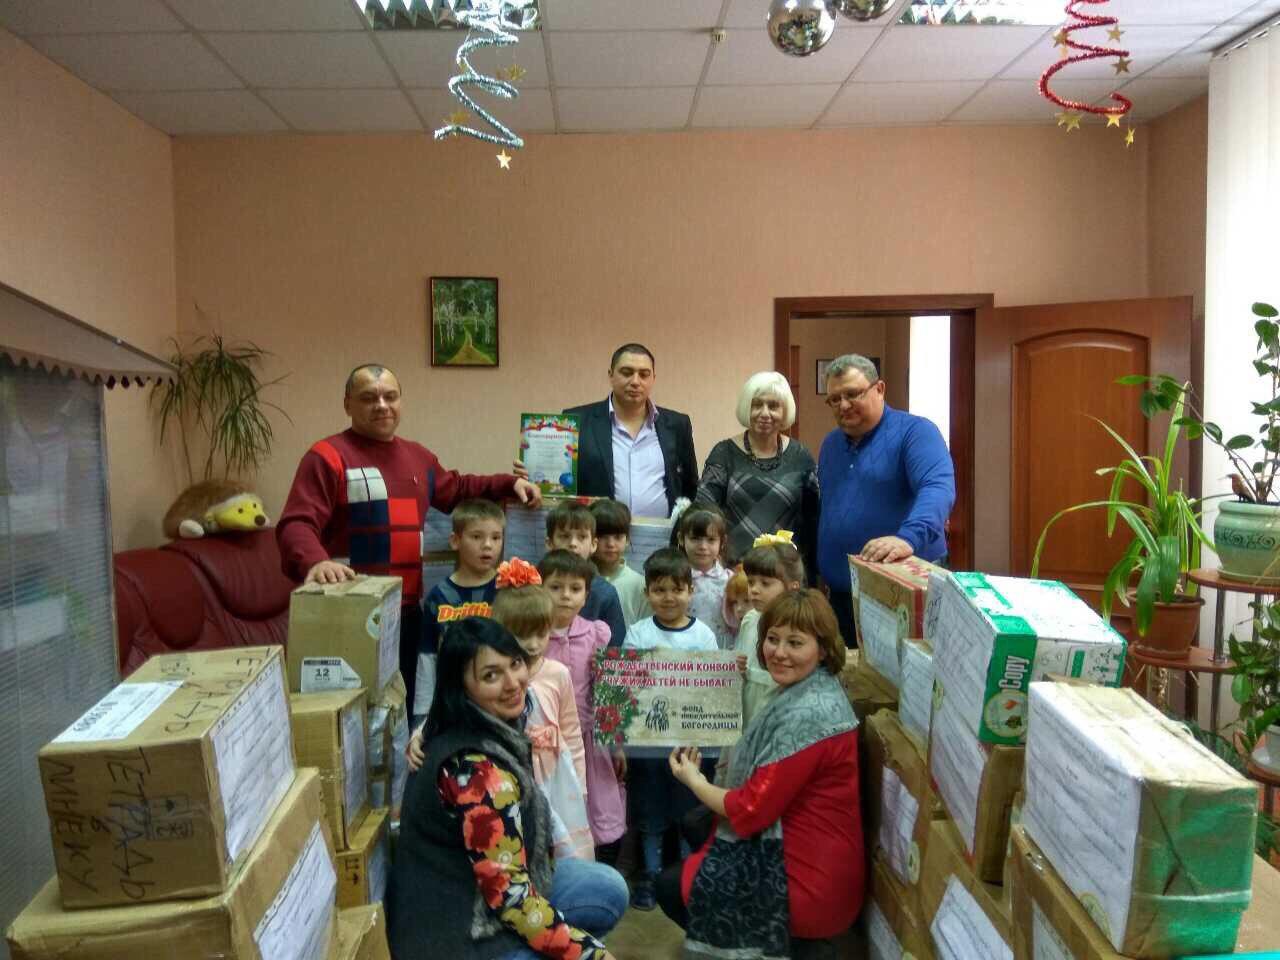 Доставка канцелярских принадлежностей в Донецк